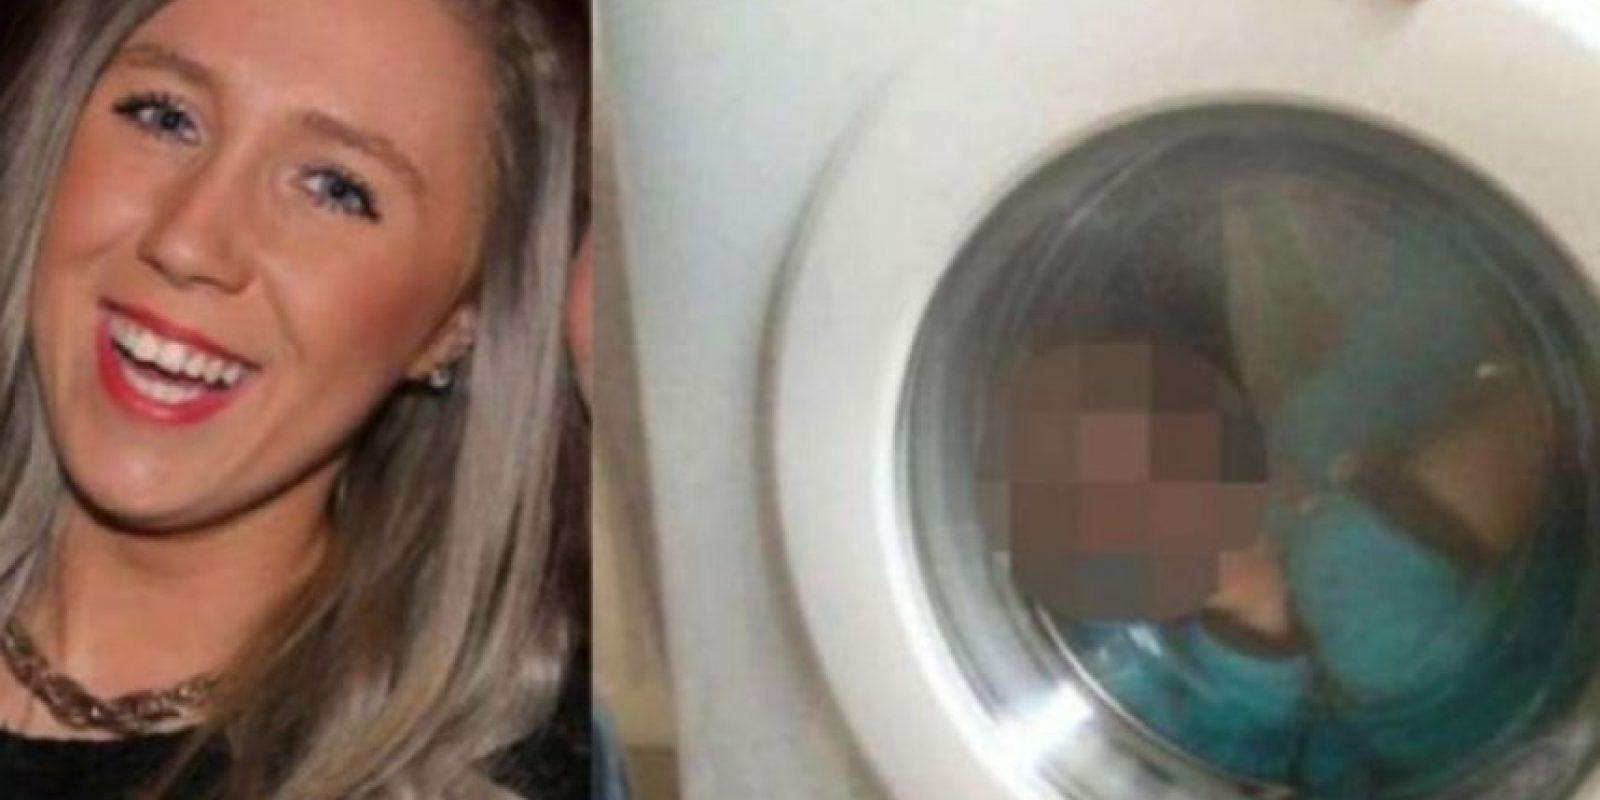 La escocesa Courtney Stewart, de 21 fue denunciada con la policía por una foto de su bebé de dos año encerrado dentro de una lavadora Foto:Facebook/CourtneyStewart